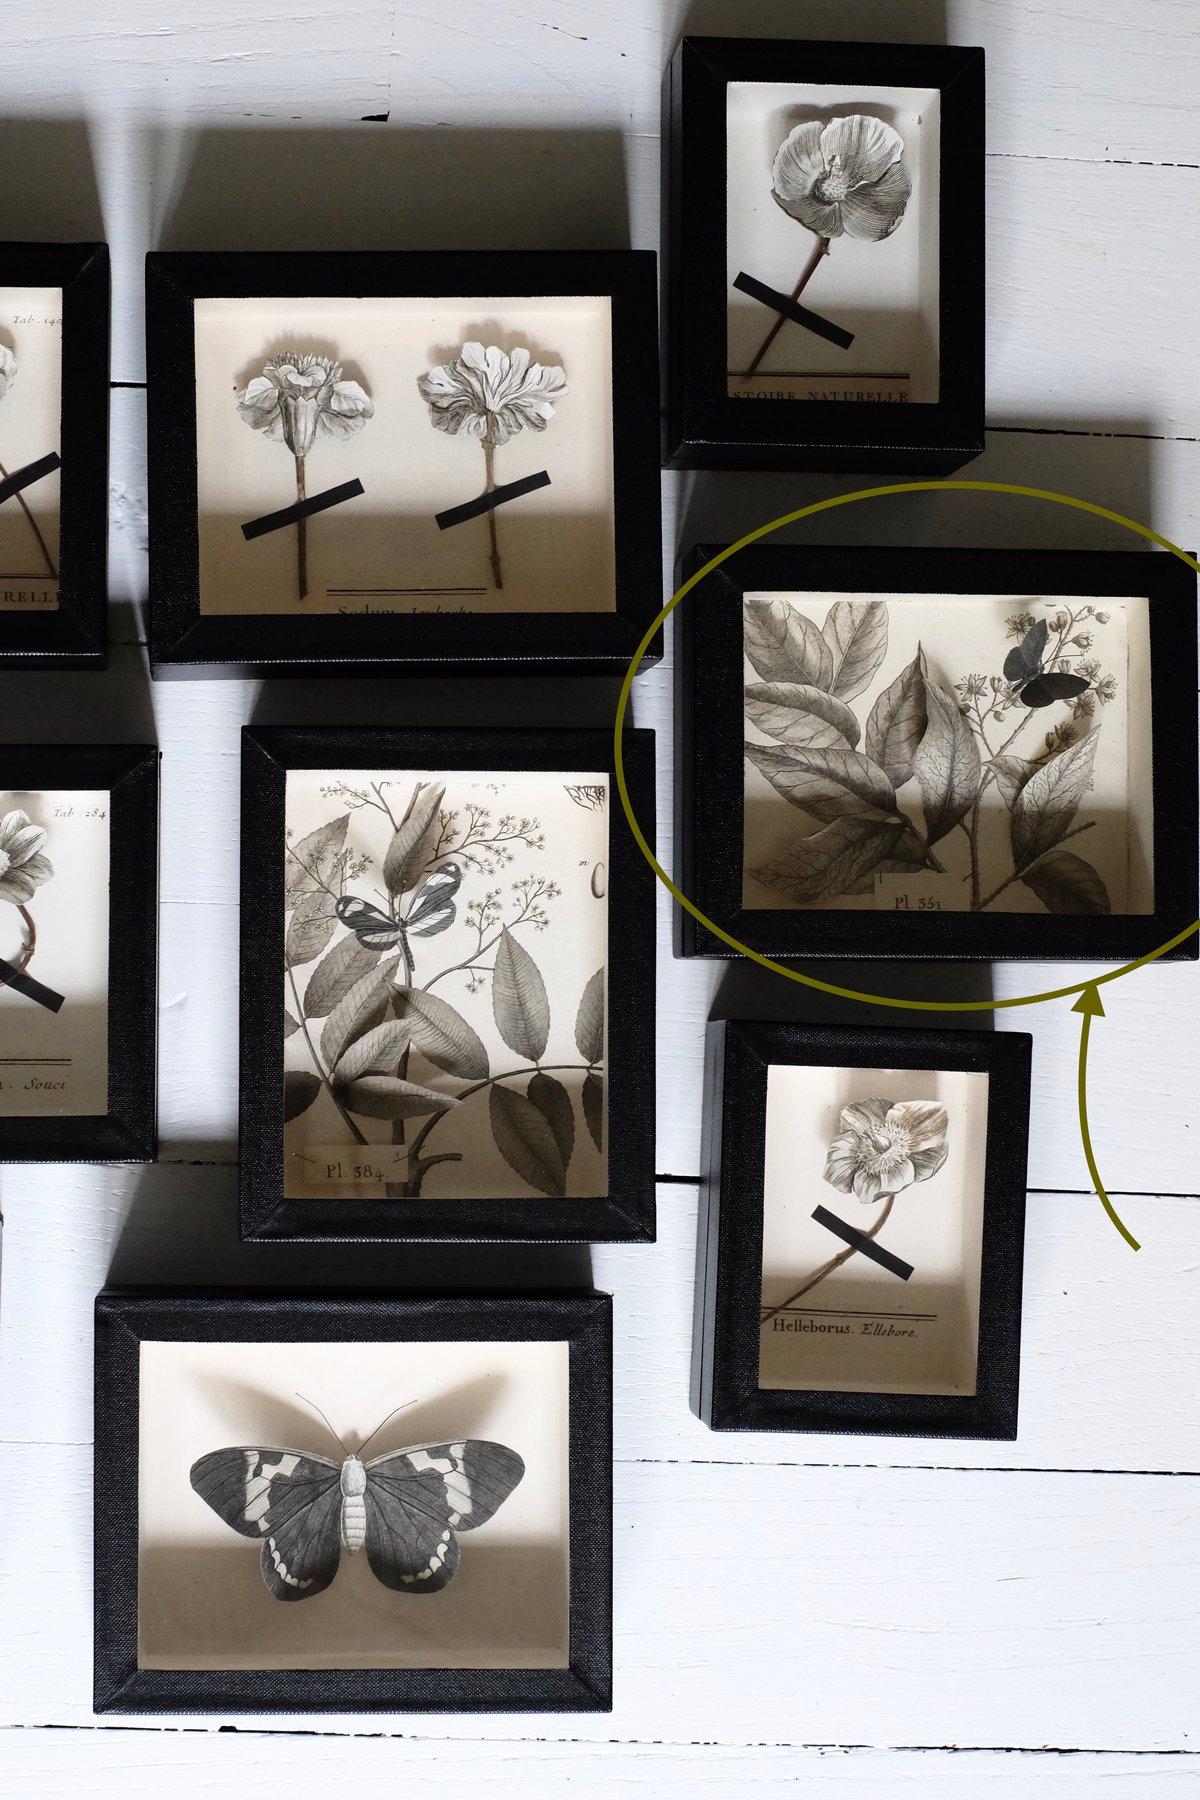 Image of Papillon volant dans sa boite vitrée - Pl 351